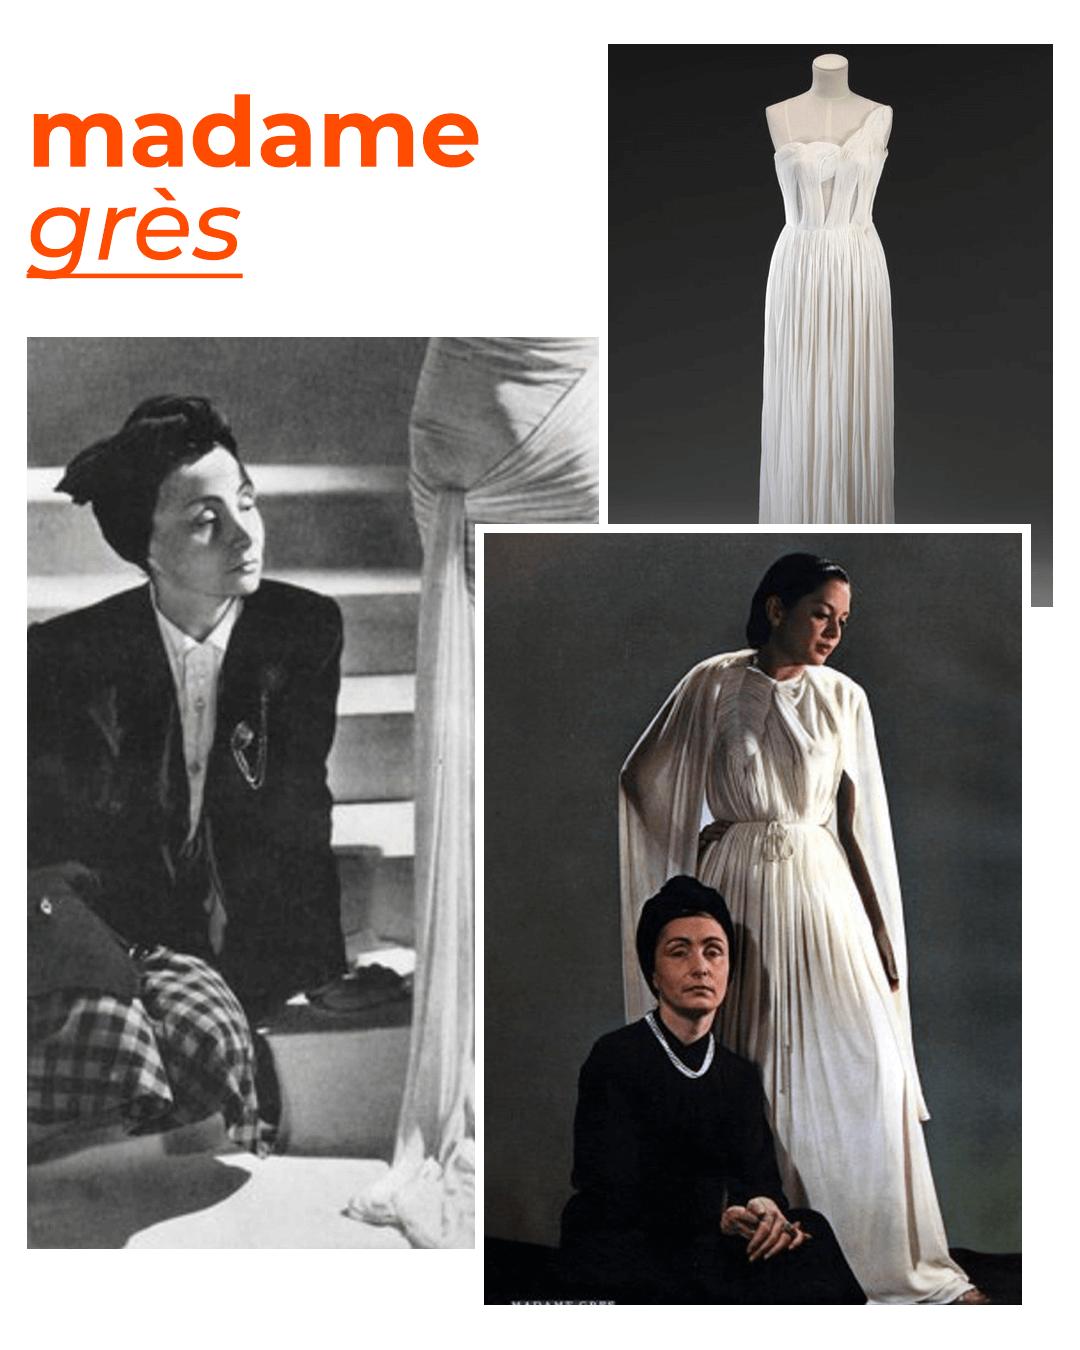 Madame Grès - mulheres que revolucionaram a moda - dia internacional da mulher - verão - street style - https://stealthelook.com.br